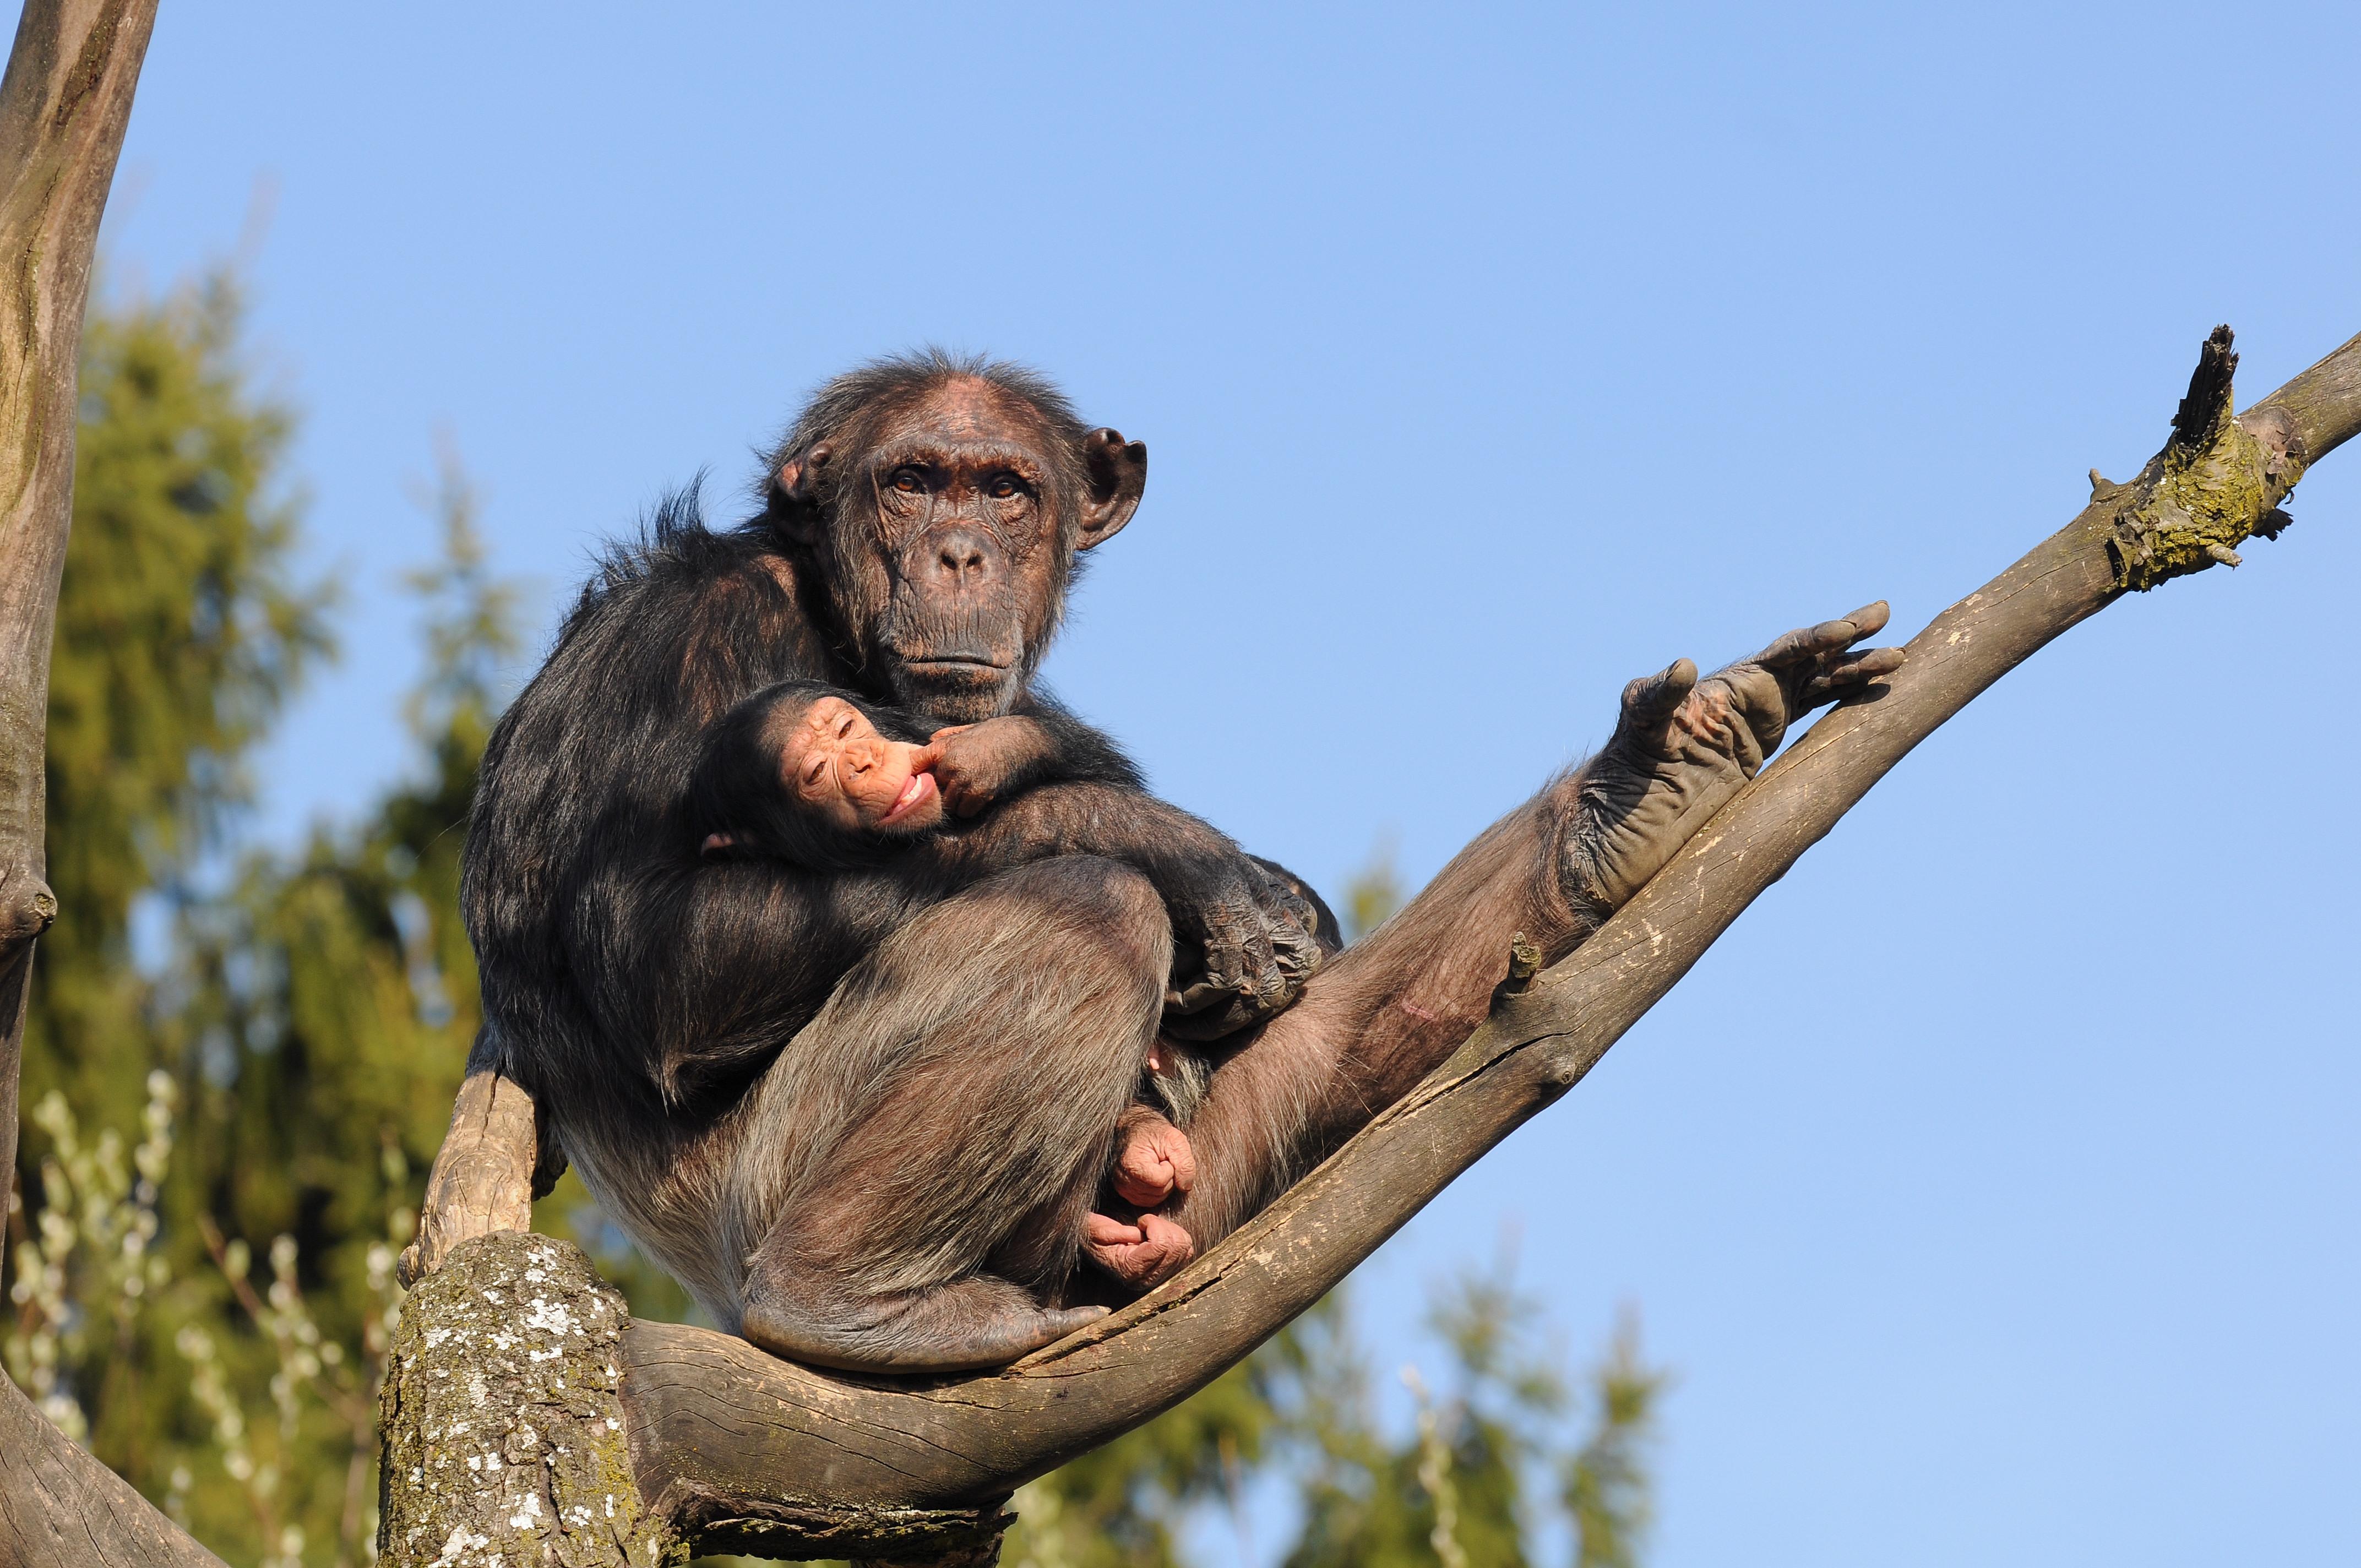 File:Schimpanse, Pan troglodytes 3 JPG - Wikimedia Commons